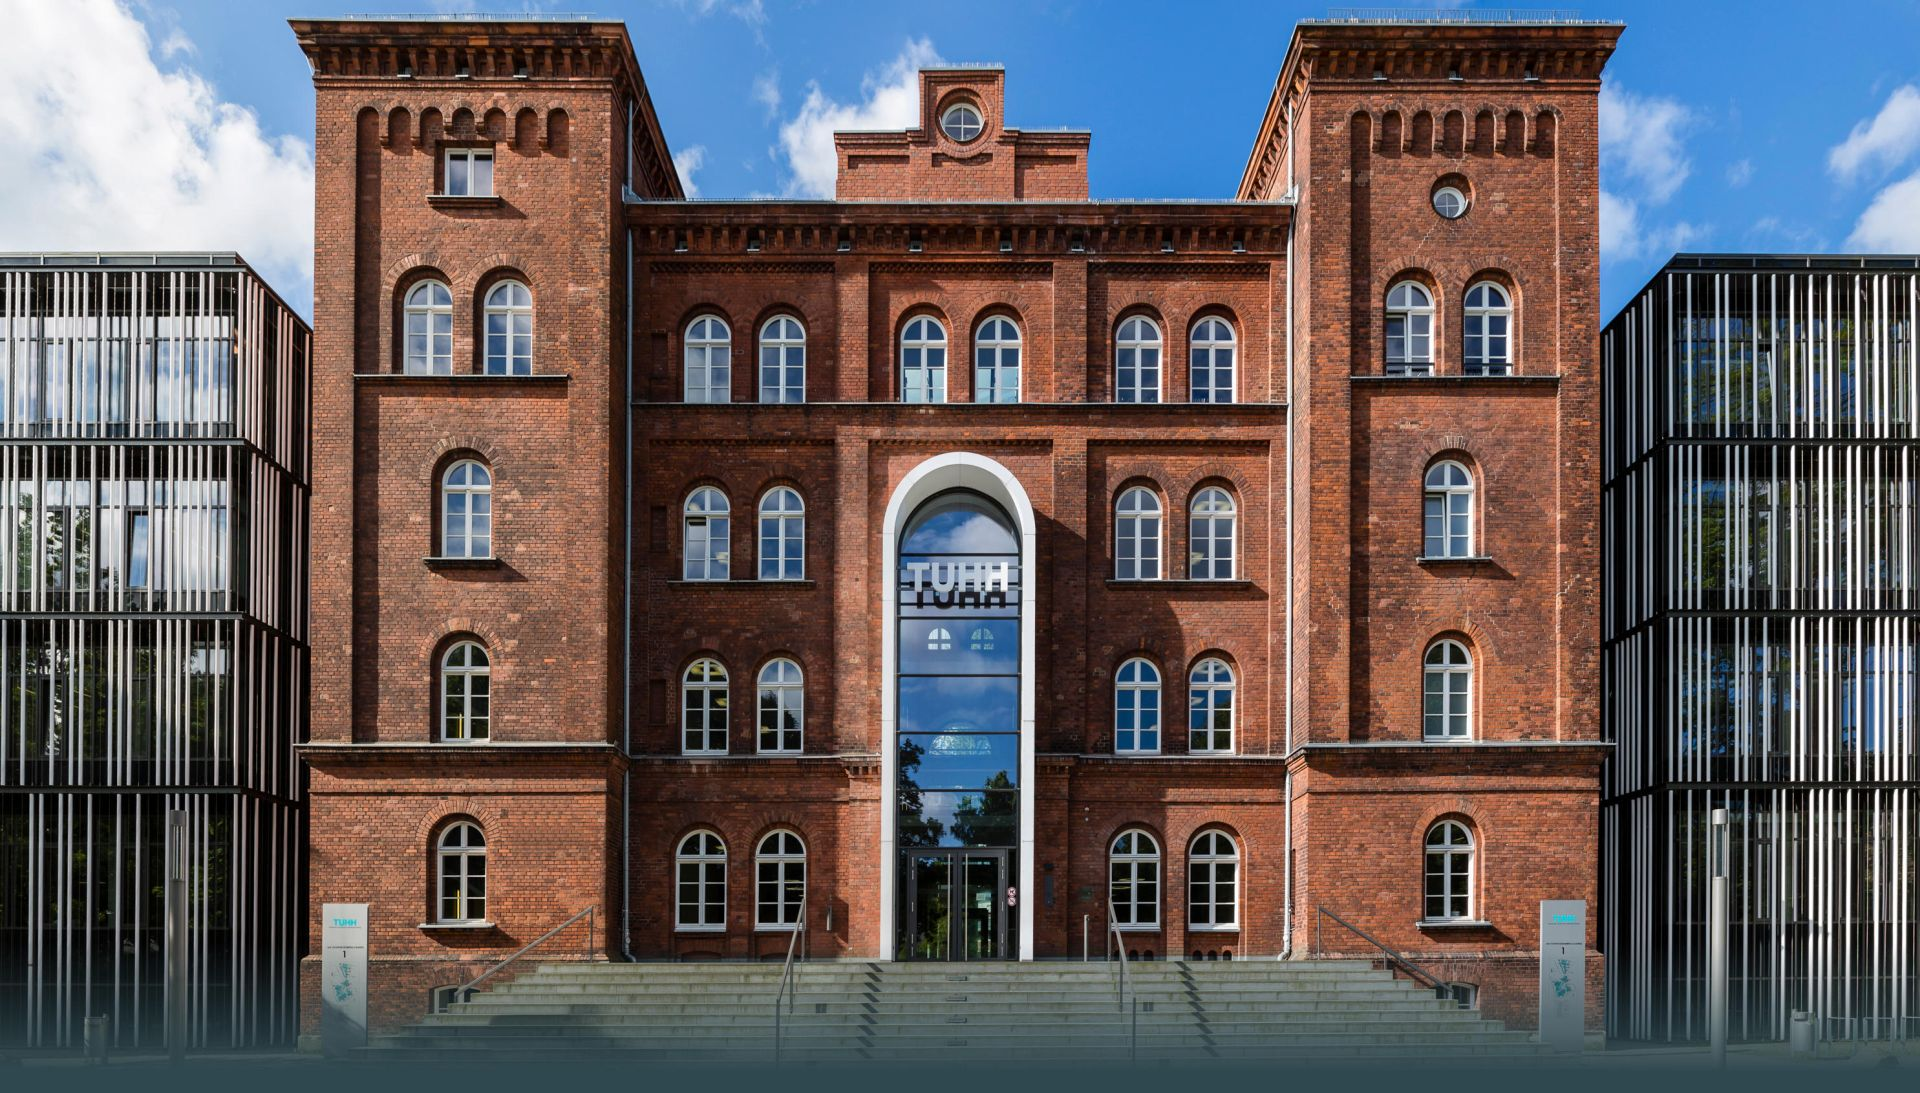 TUHH Hauptgebäude